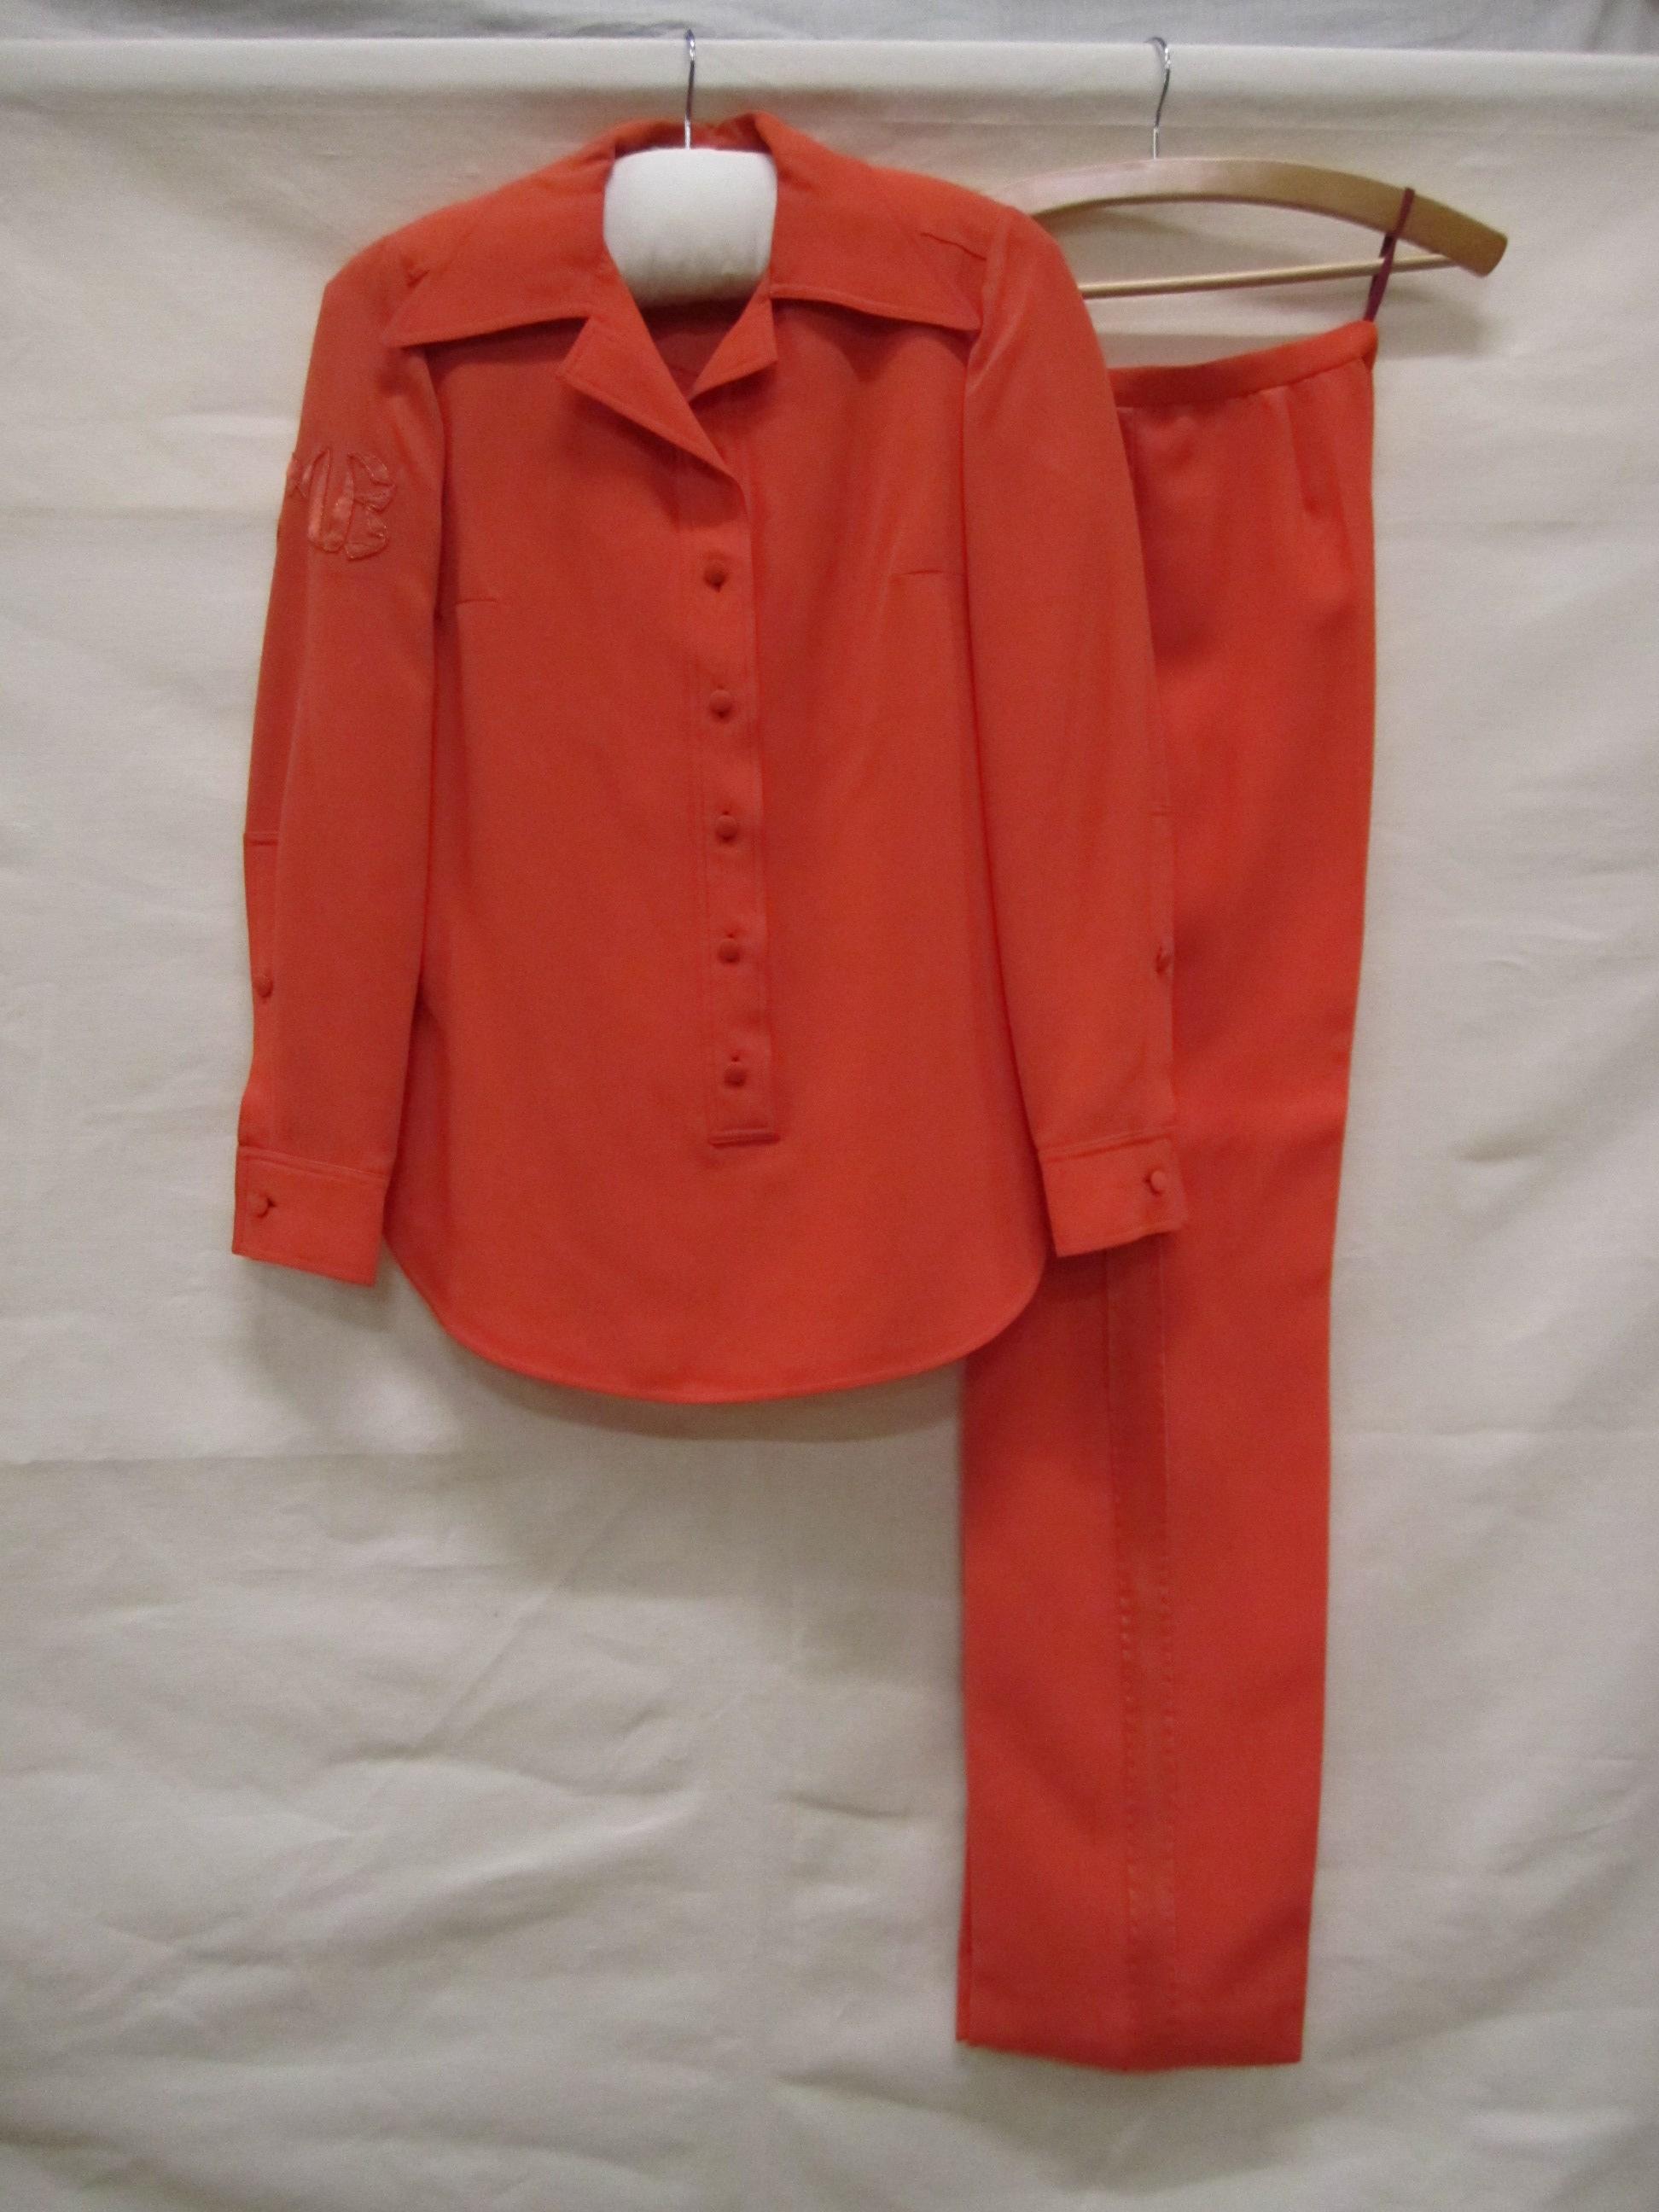 Broekpak van synthetische oranje crèpezijde, bestaande uit tuniek en lange broek